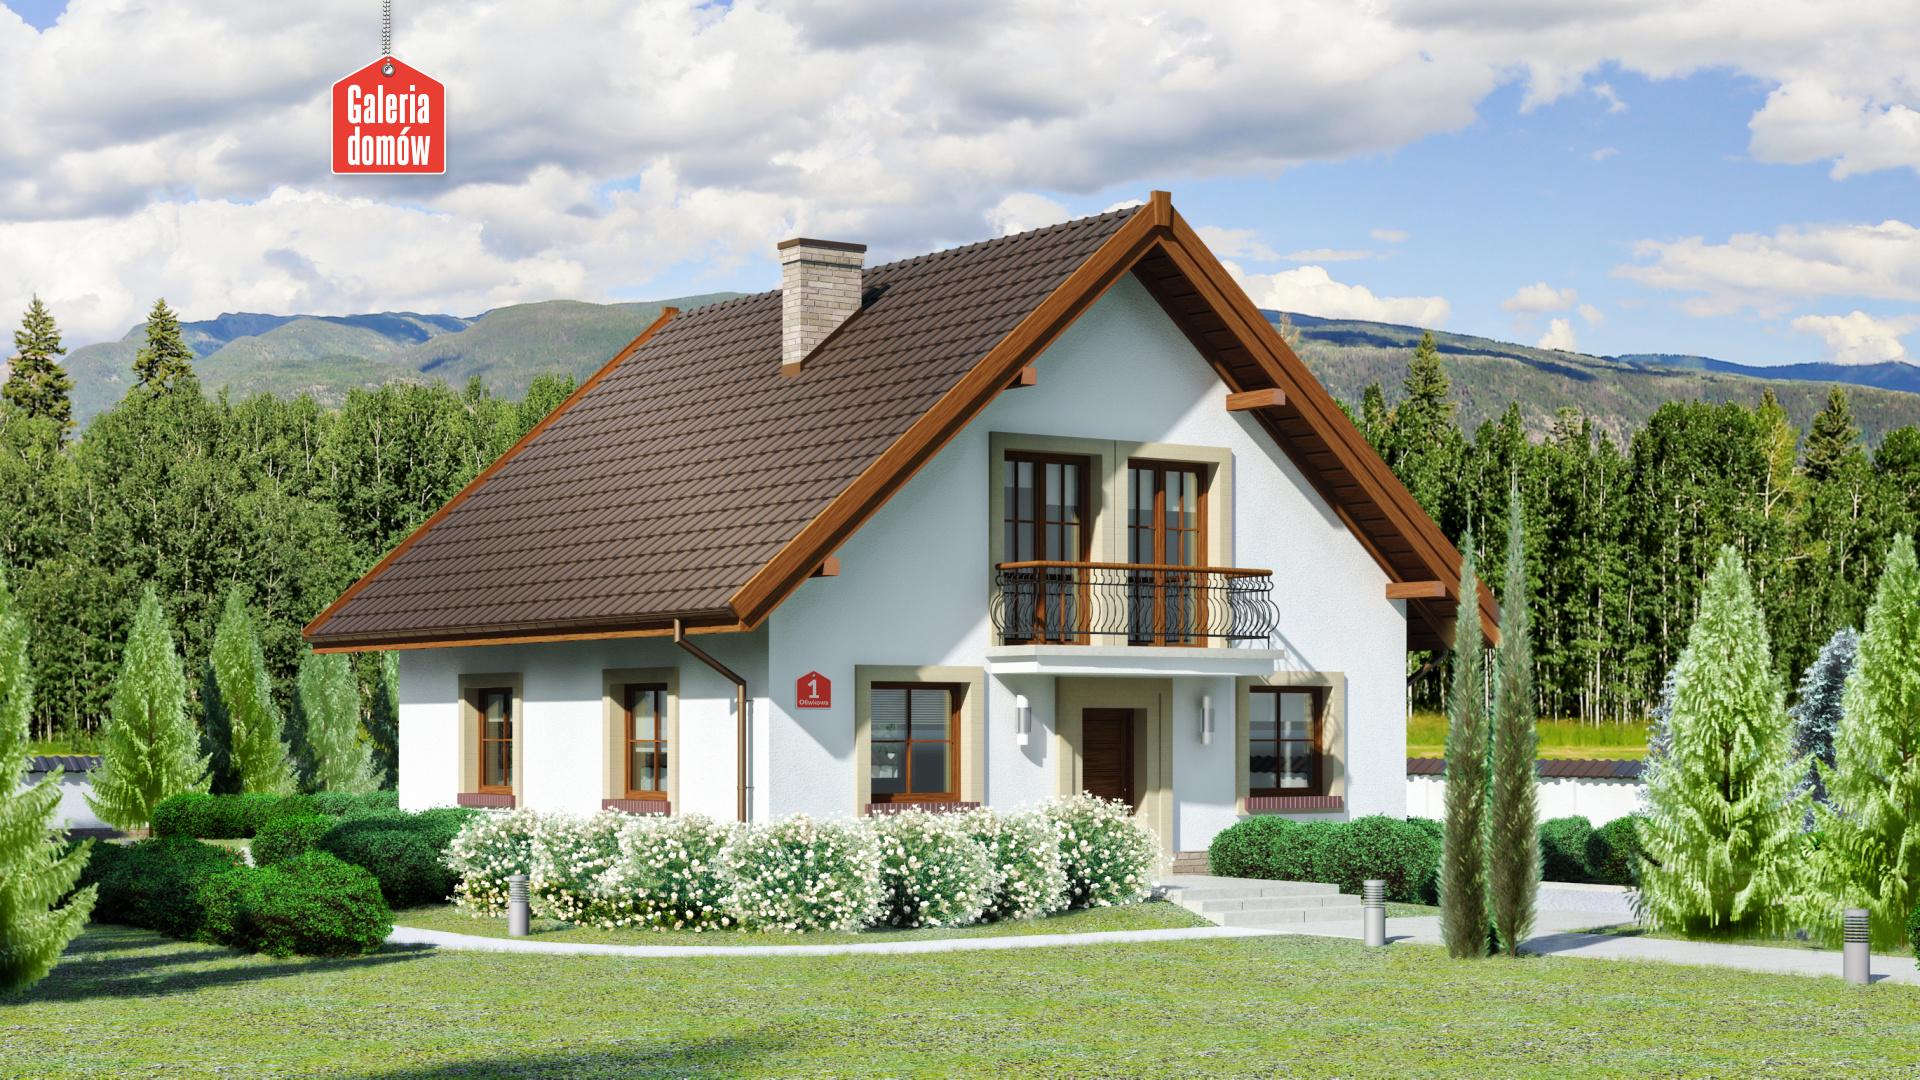 Dom przy Oliwkowej - zdjęcie projektu i wizualizacja